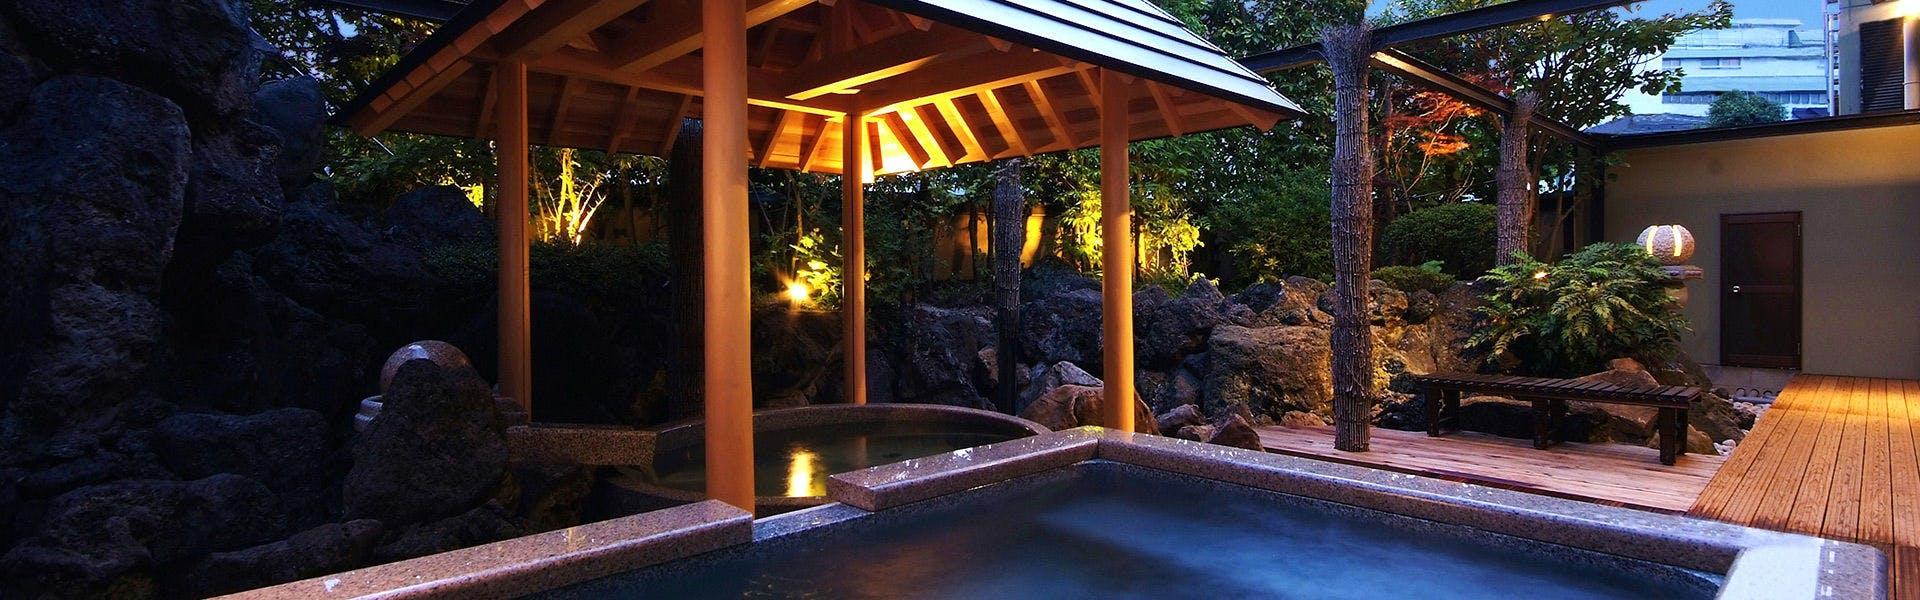 記念日におすすめのホテル・城崎温泉 かがり火の宿 大西屋水翔苑の写真3